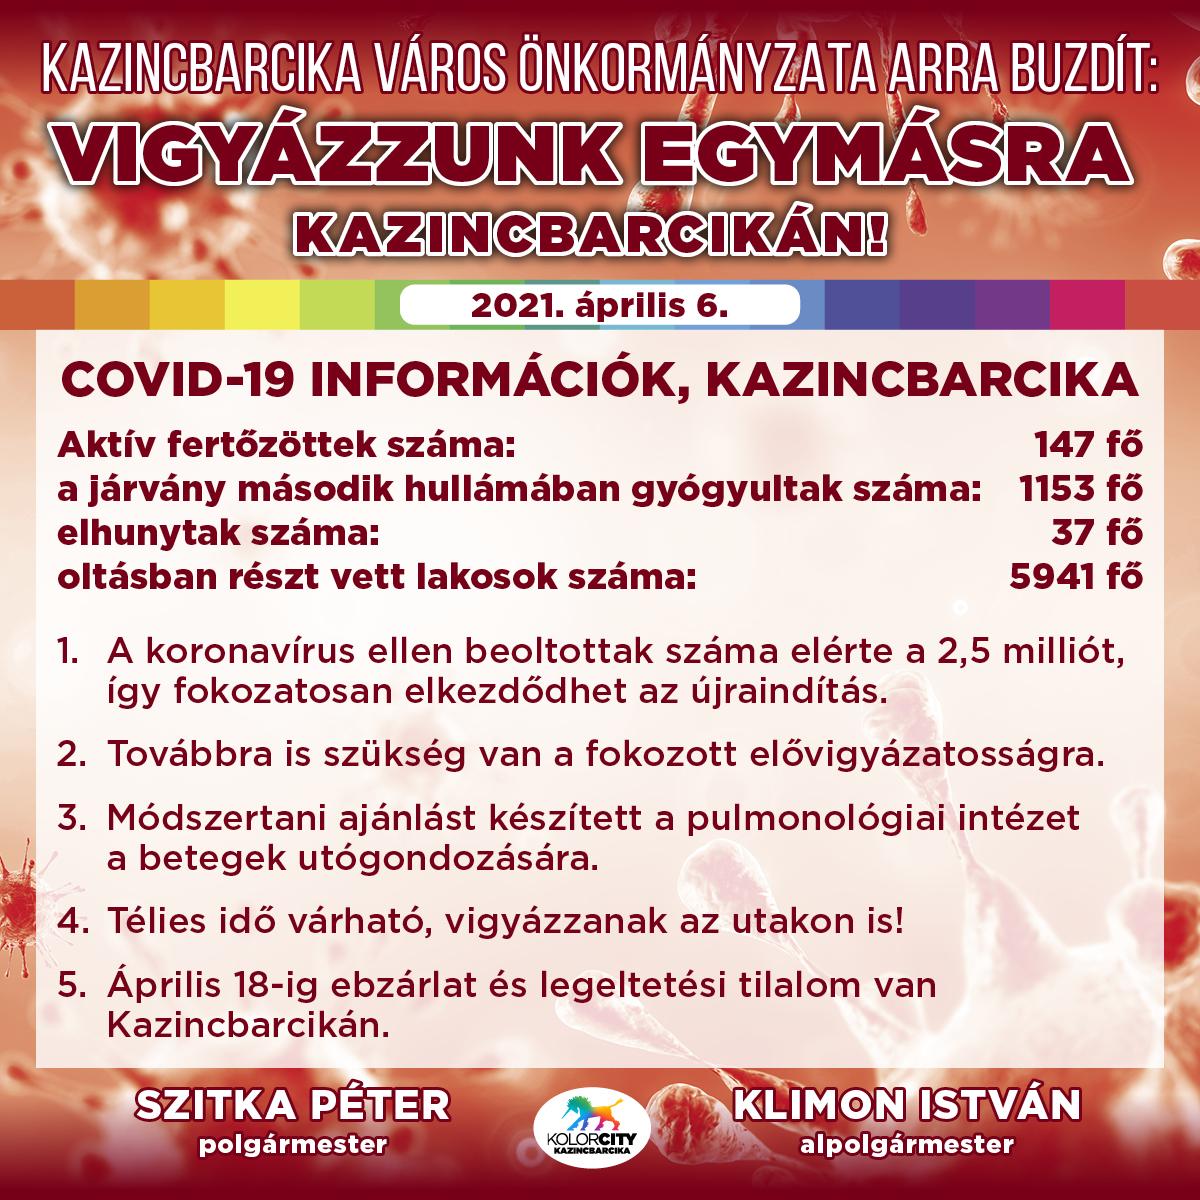 https://kolorline.hu/Vigyázzunk egymásra Kazincbarcikán! – 2021. április 6.